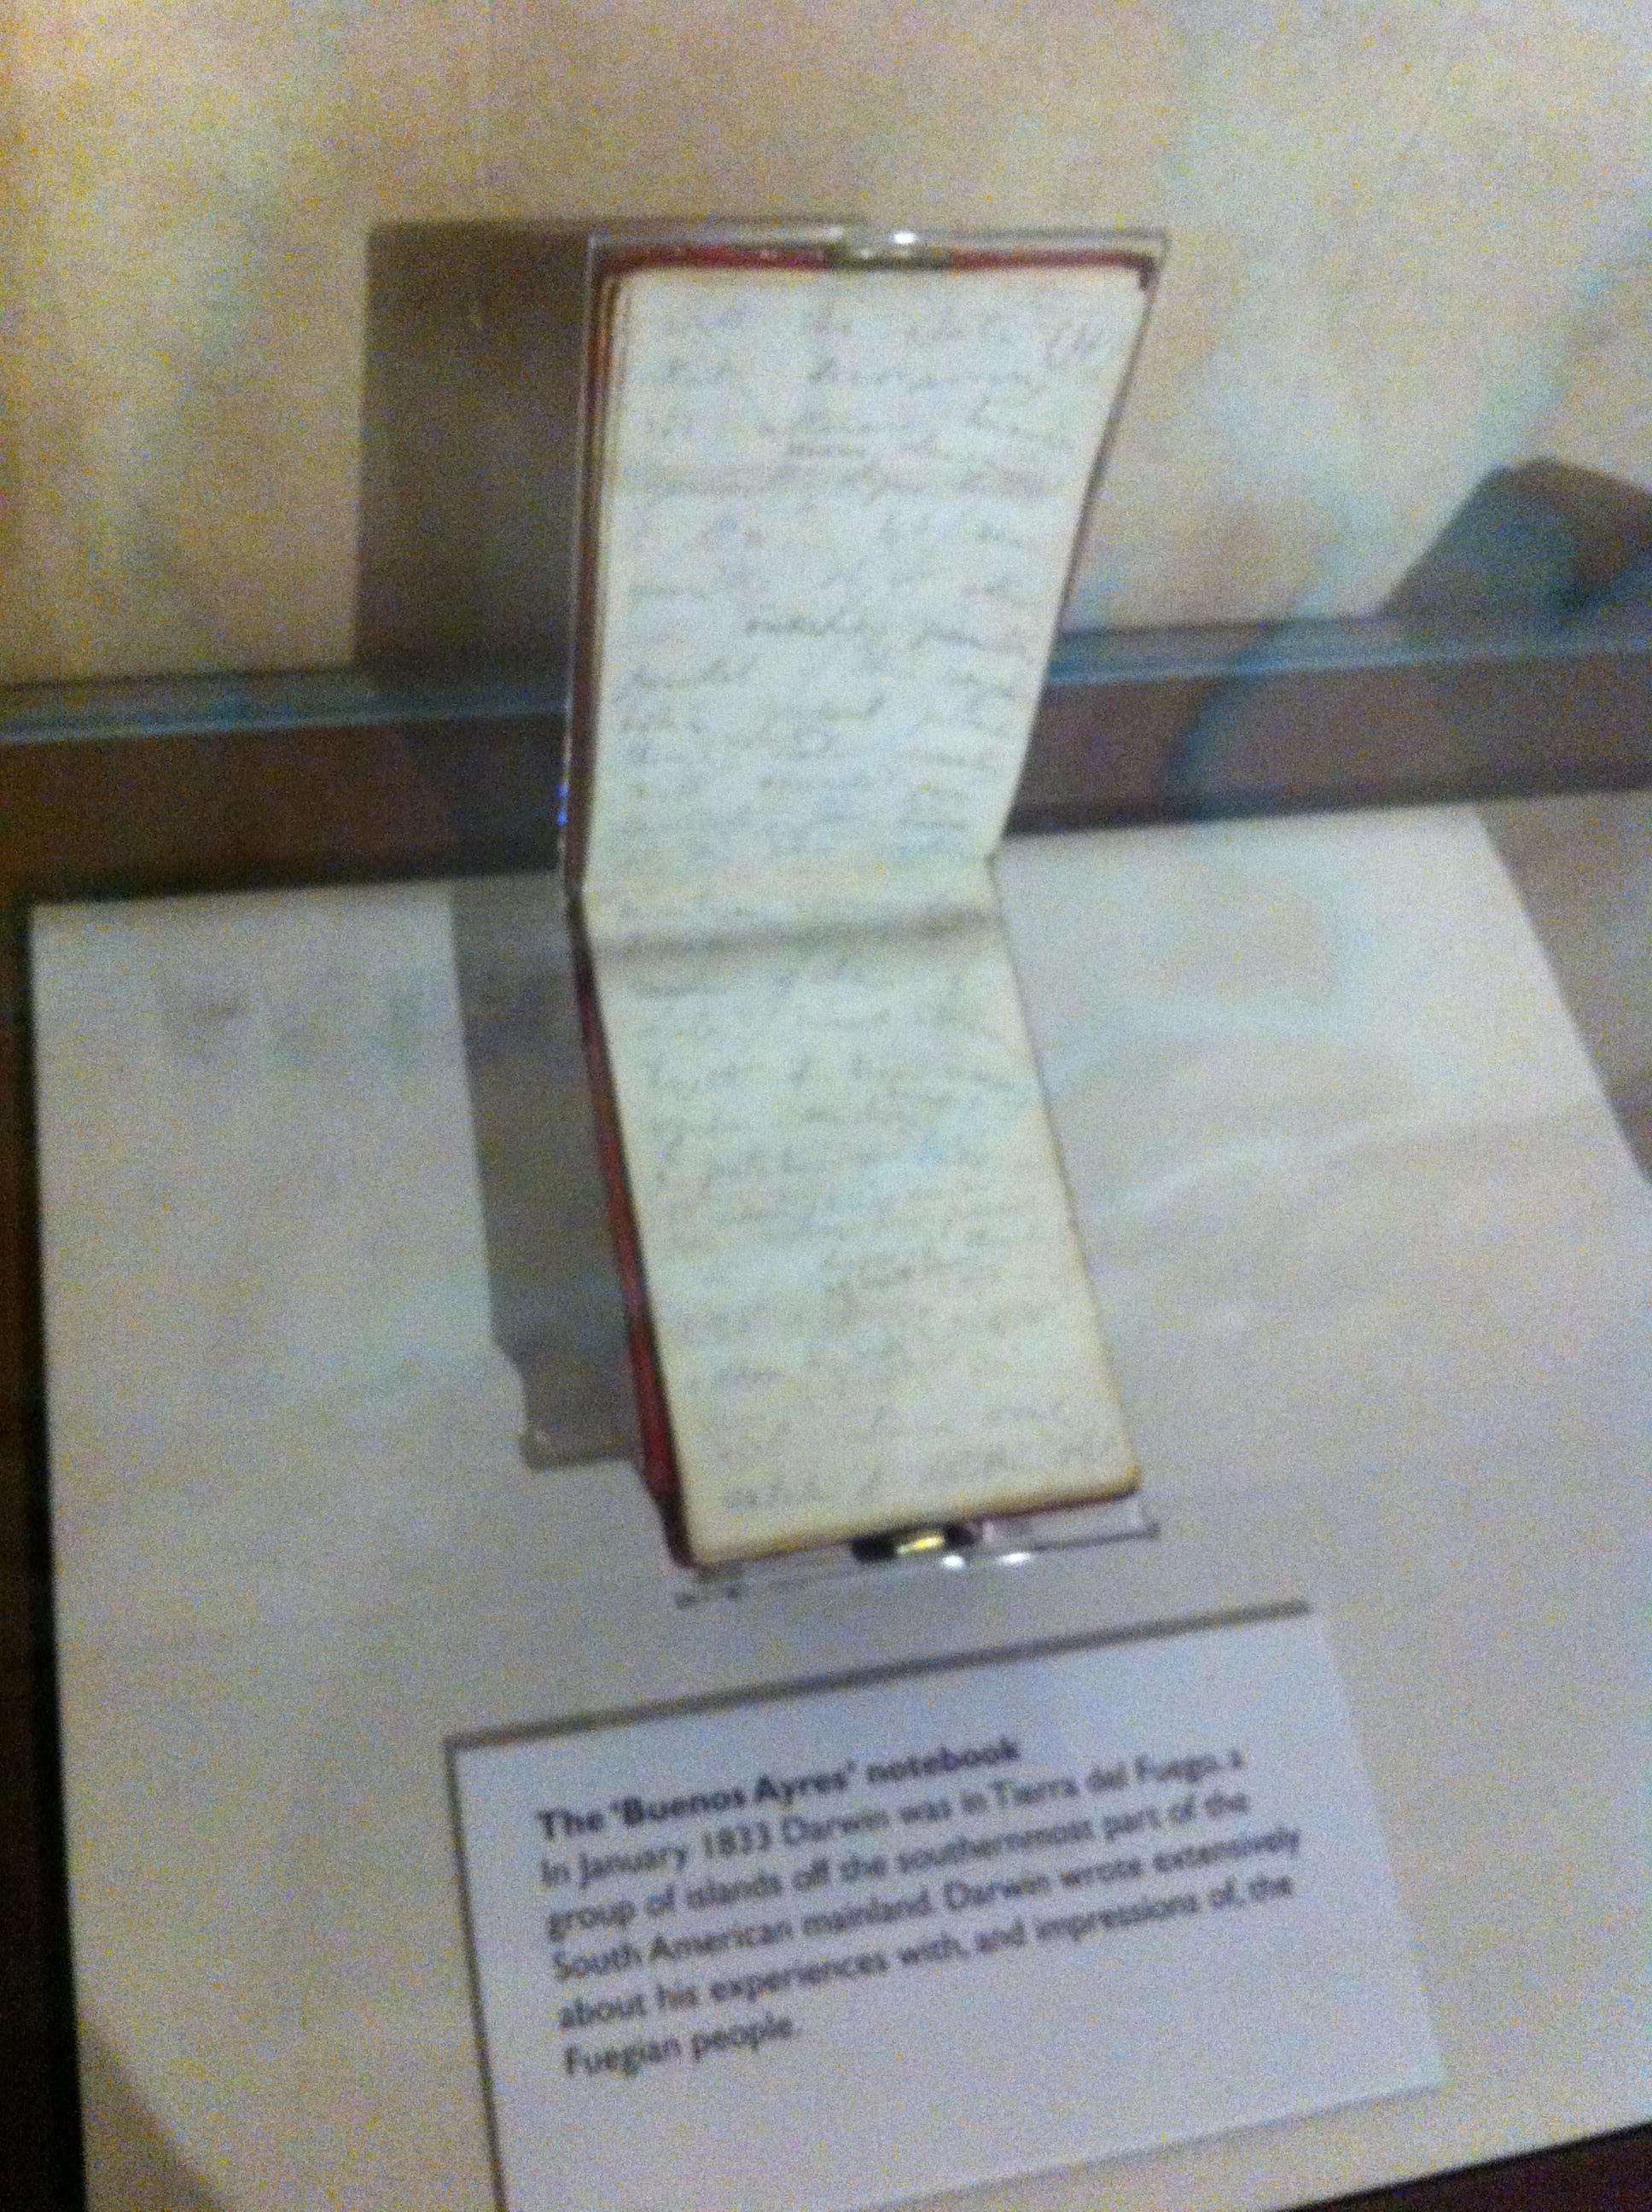 a logbook of Charles Darwin